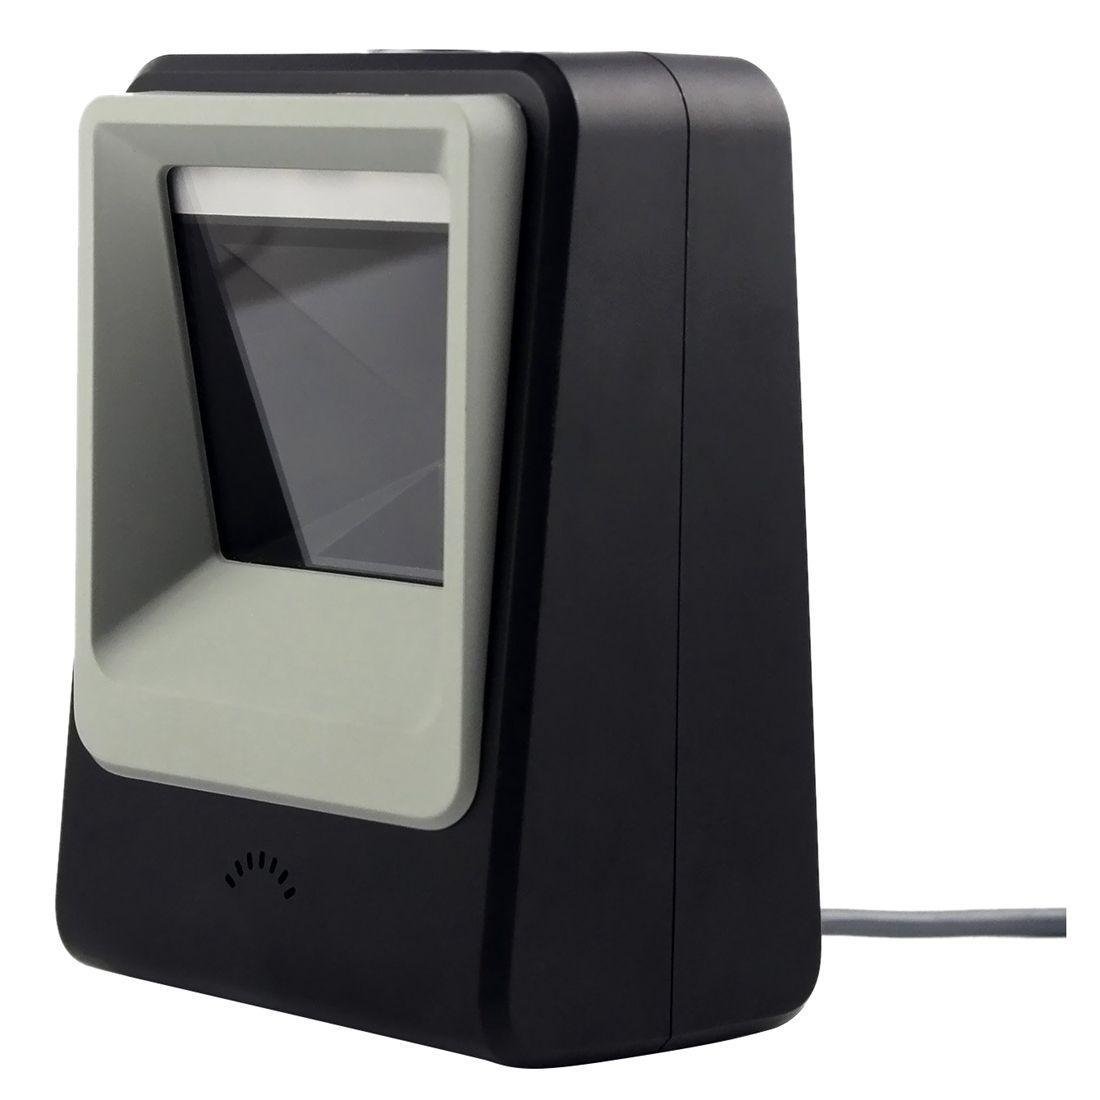 Wired freisprecheinrichtung 1D 2D USB CCD Barcode Reader Scanner Für Mobile Payment Computer-bildschirm Scan, schwarz